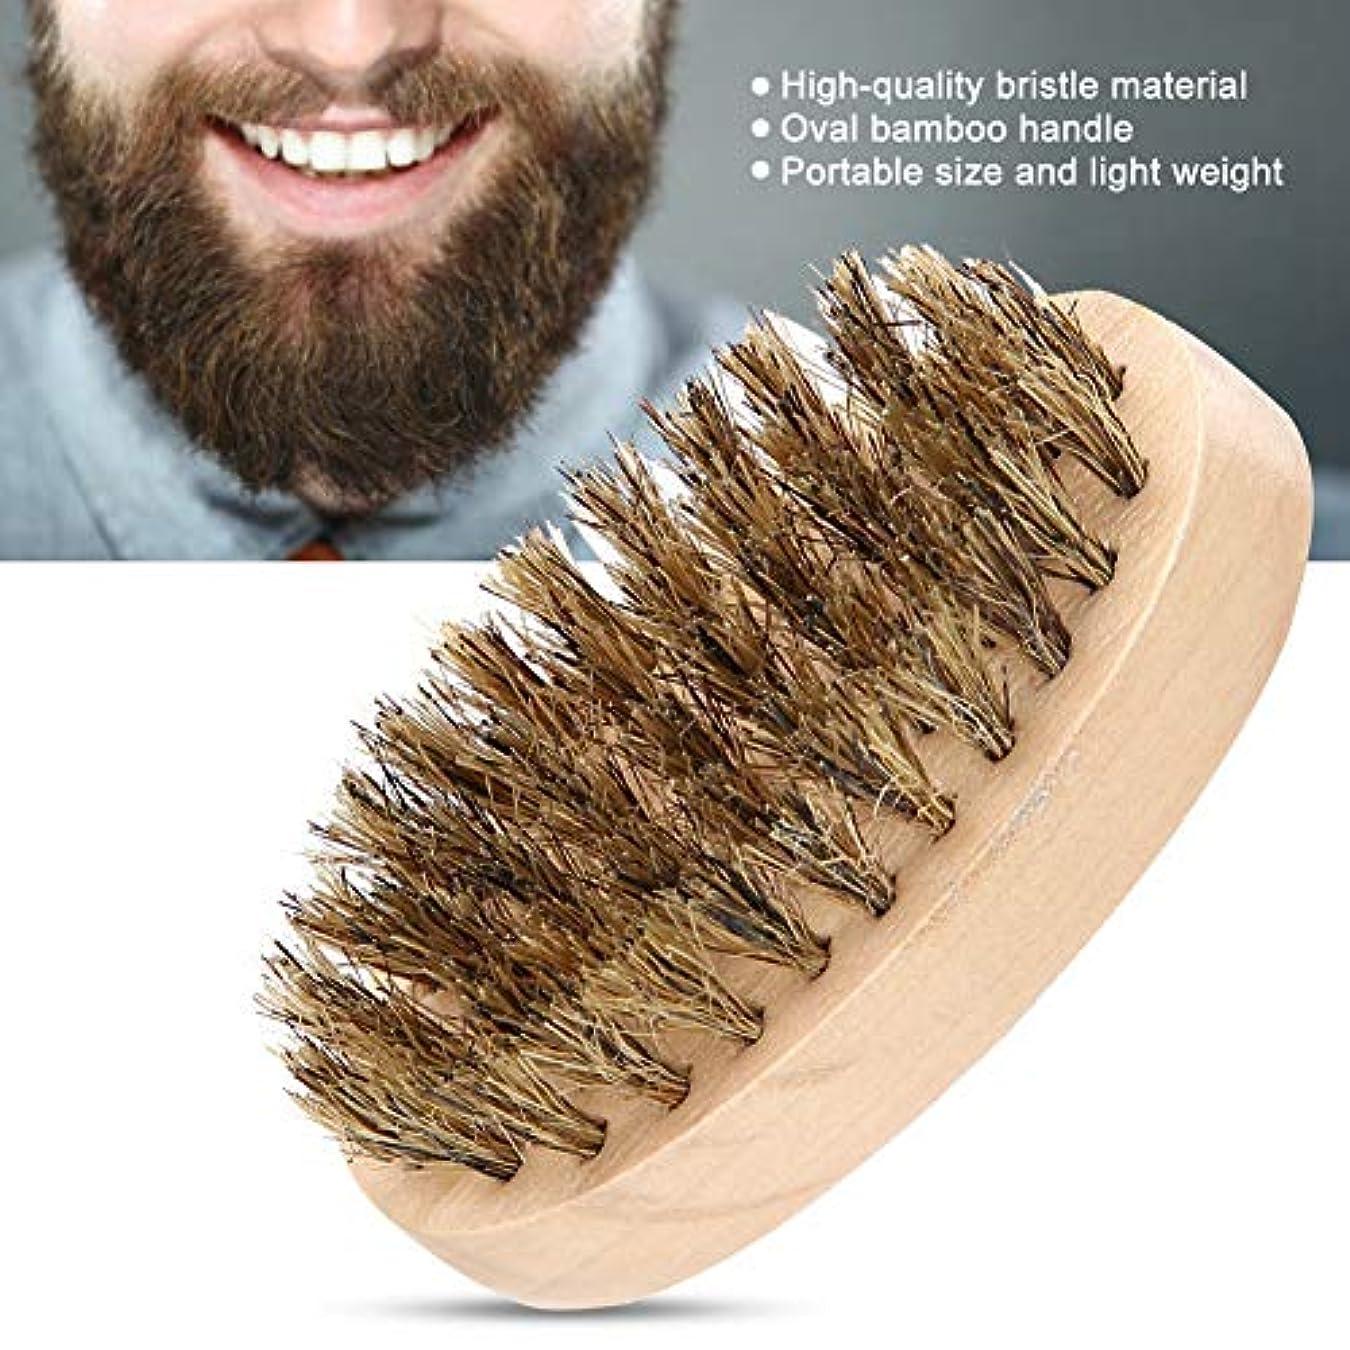 メール両方船尾柔らかいひげのブラシ 男性の柔らかい毛のComの櫛の楕円形のタケハンドルのひげの形成用具